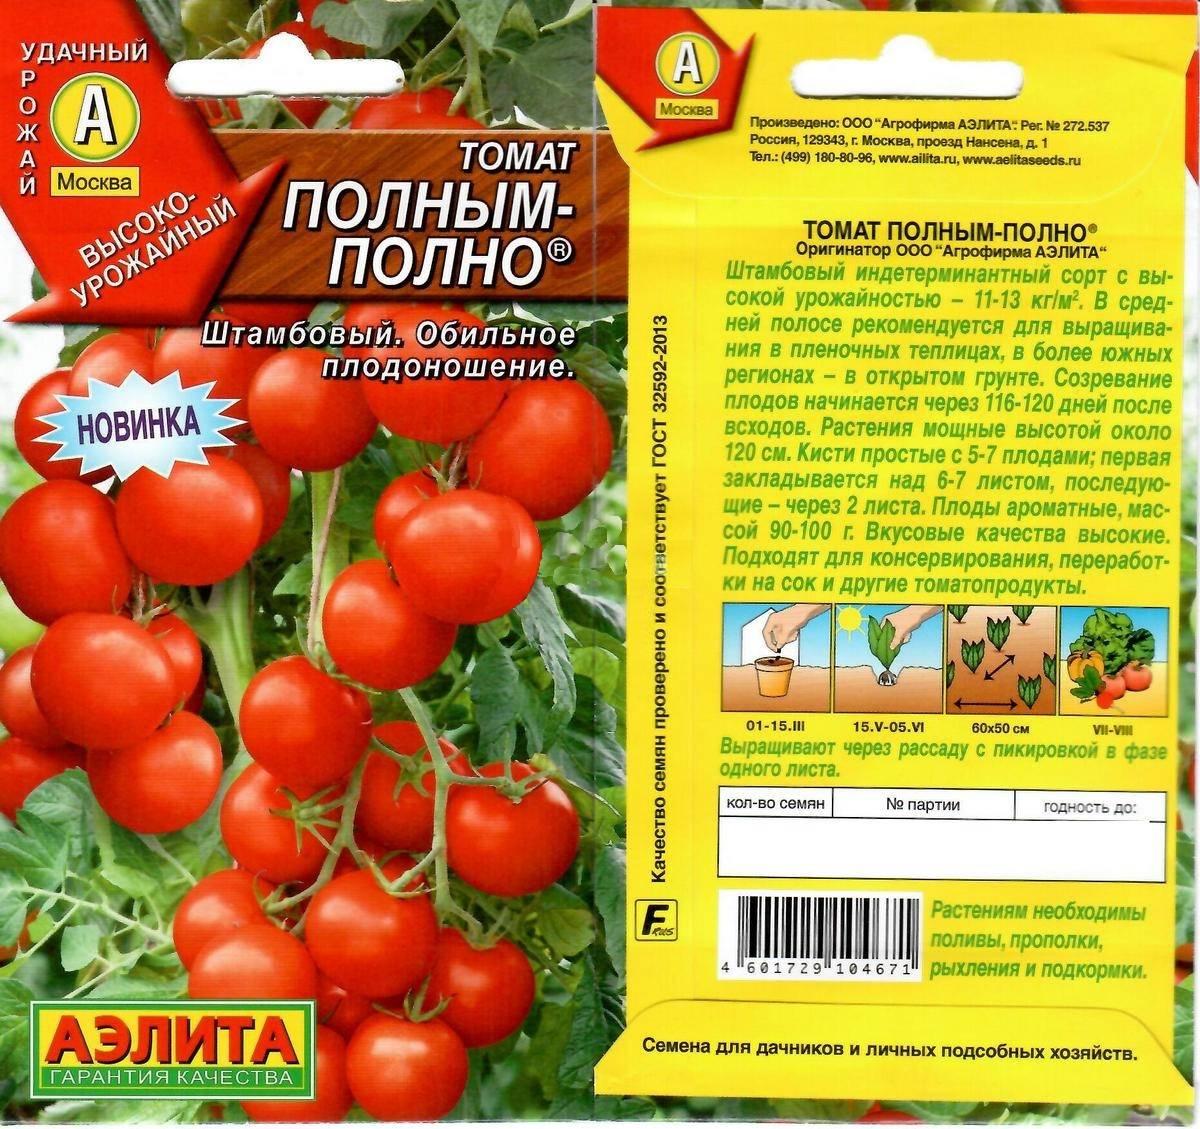 Описание томата Полным-полно, его характеристики и урожайность